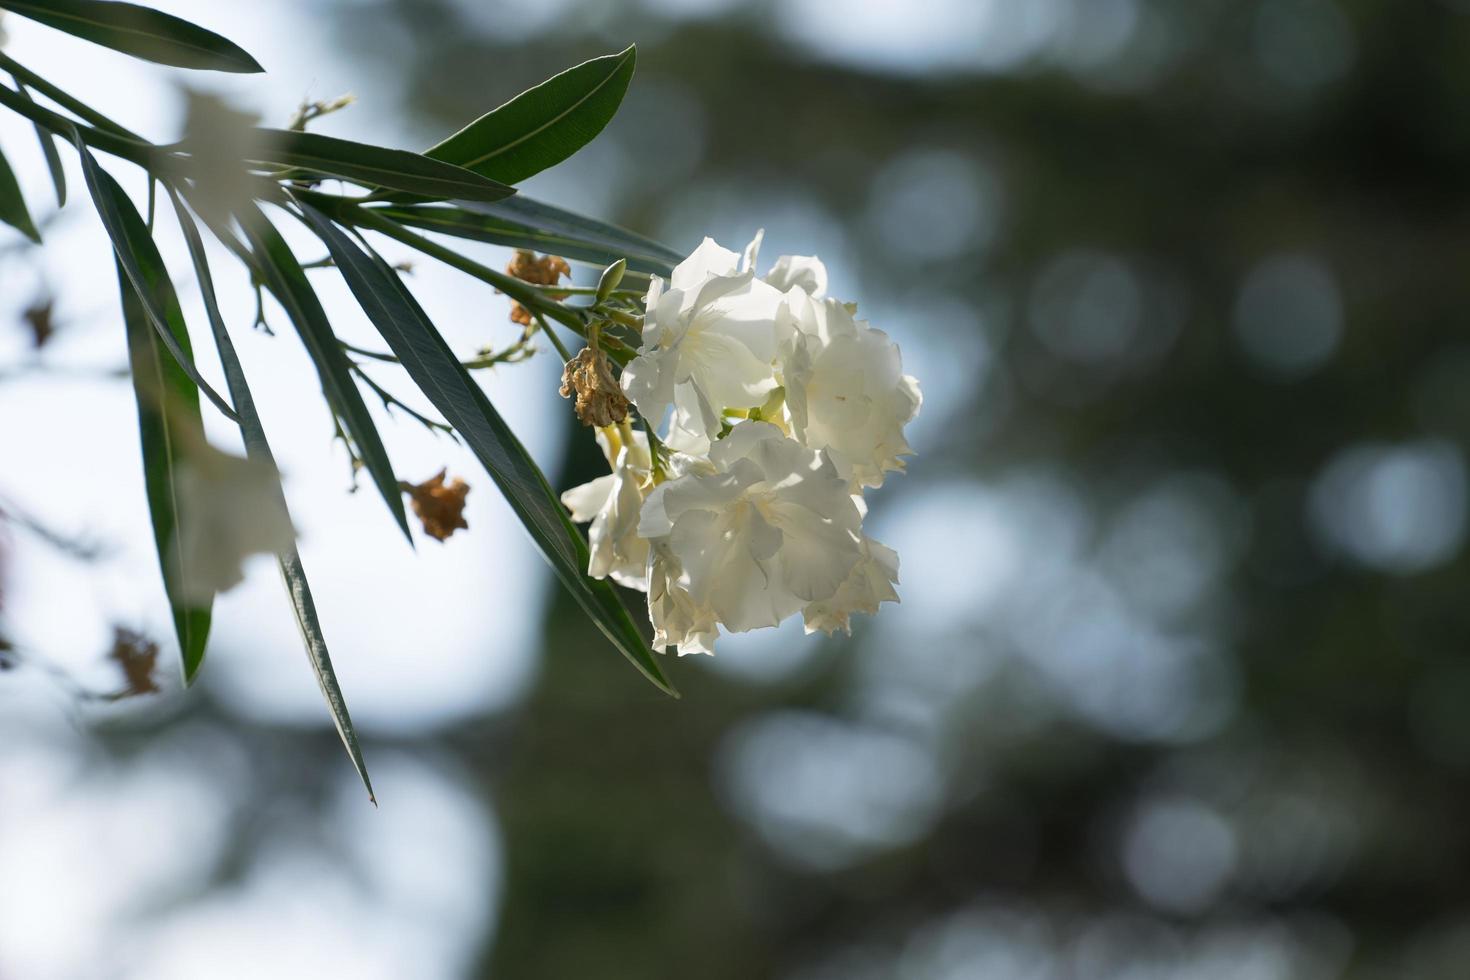 fiore bianco oleandro su sfocato sfondo grigio-verde foto